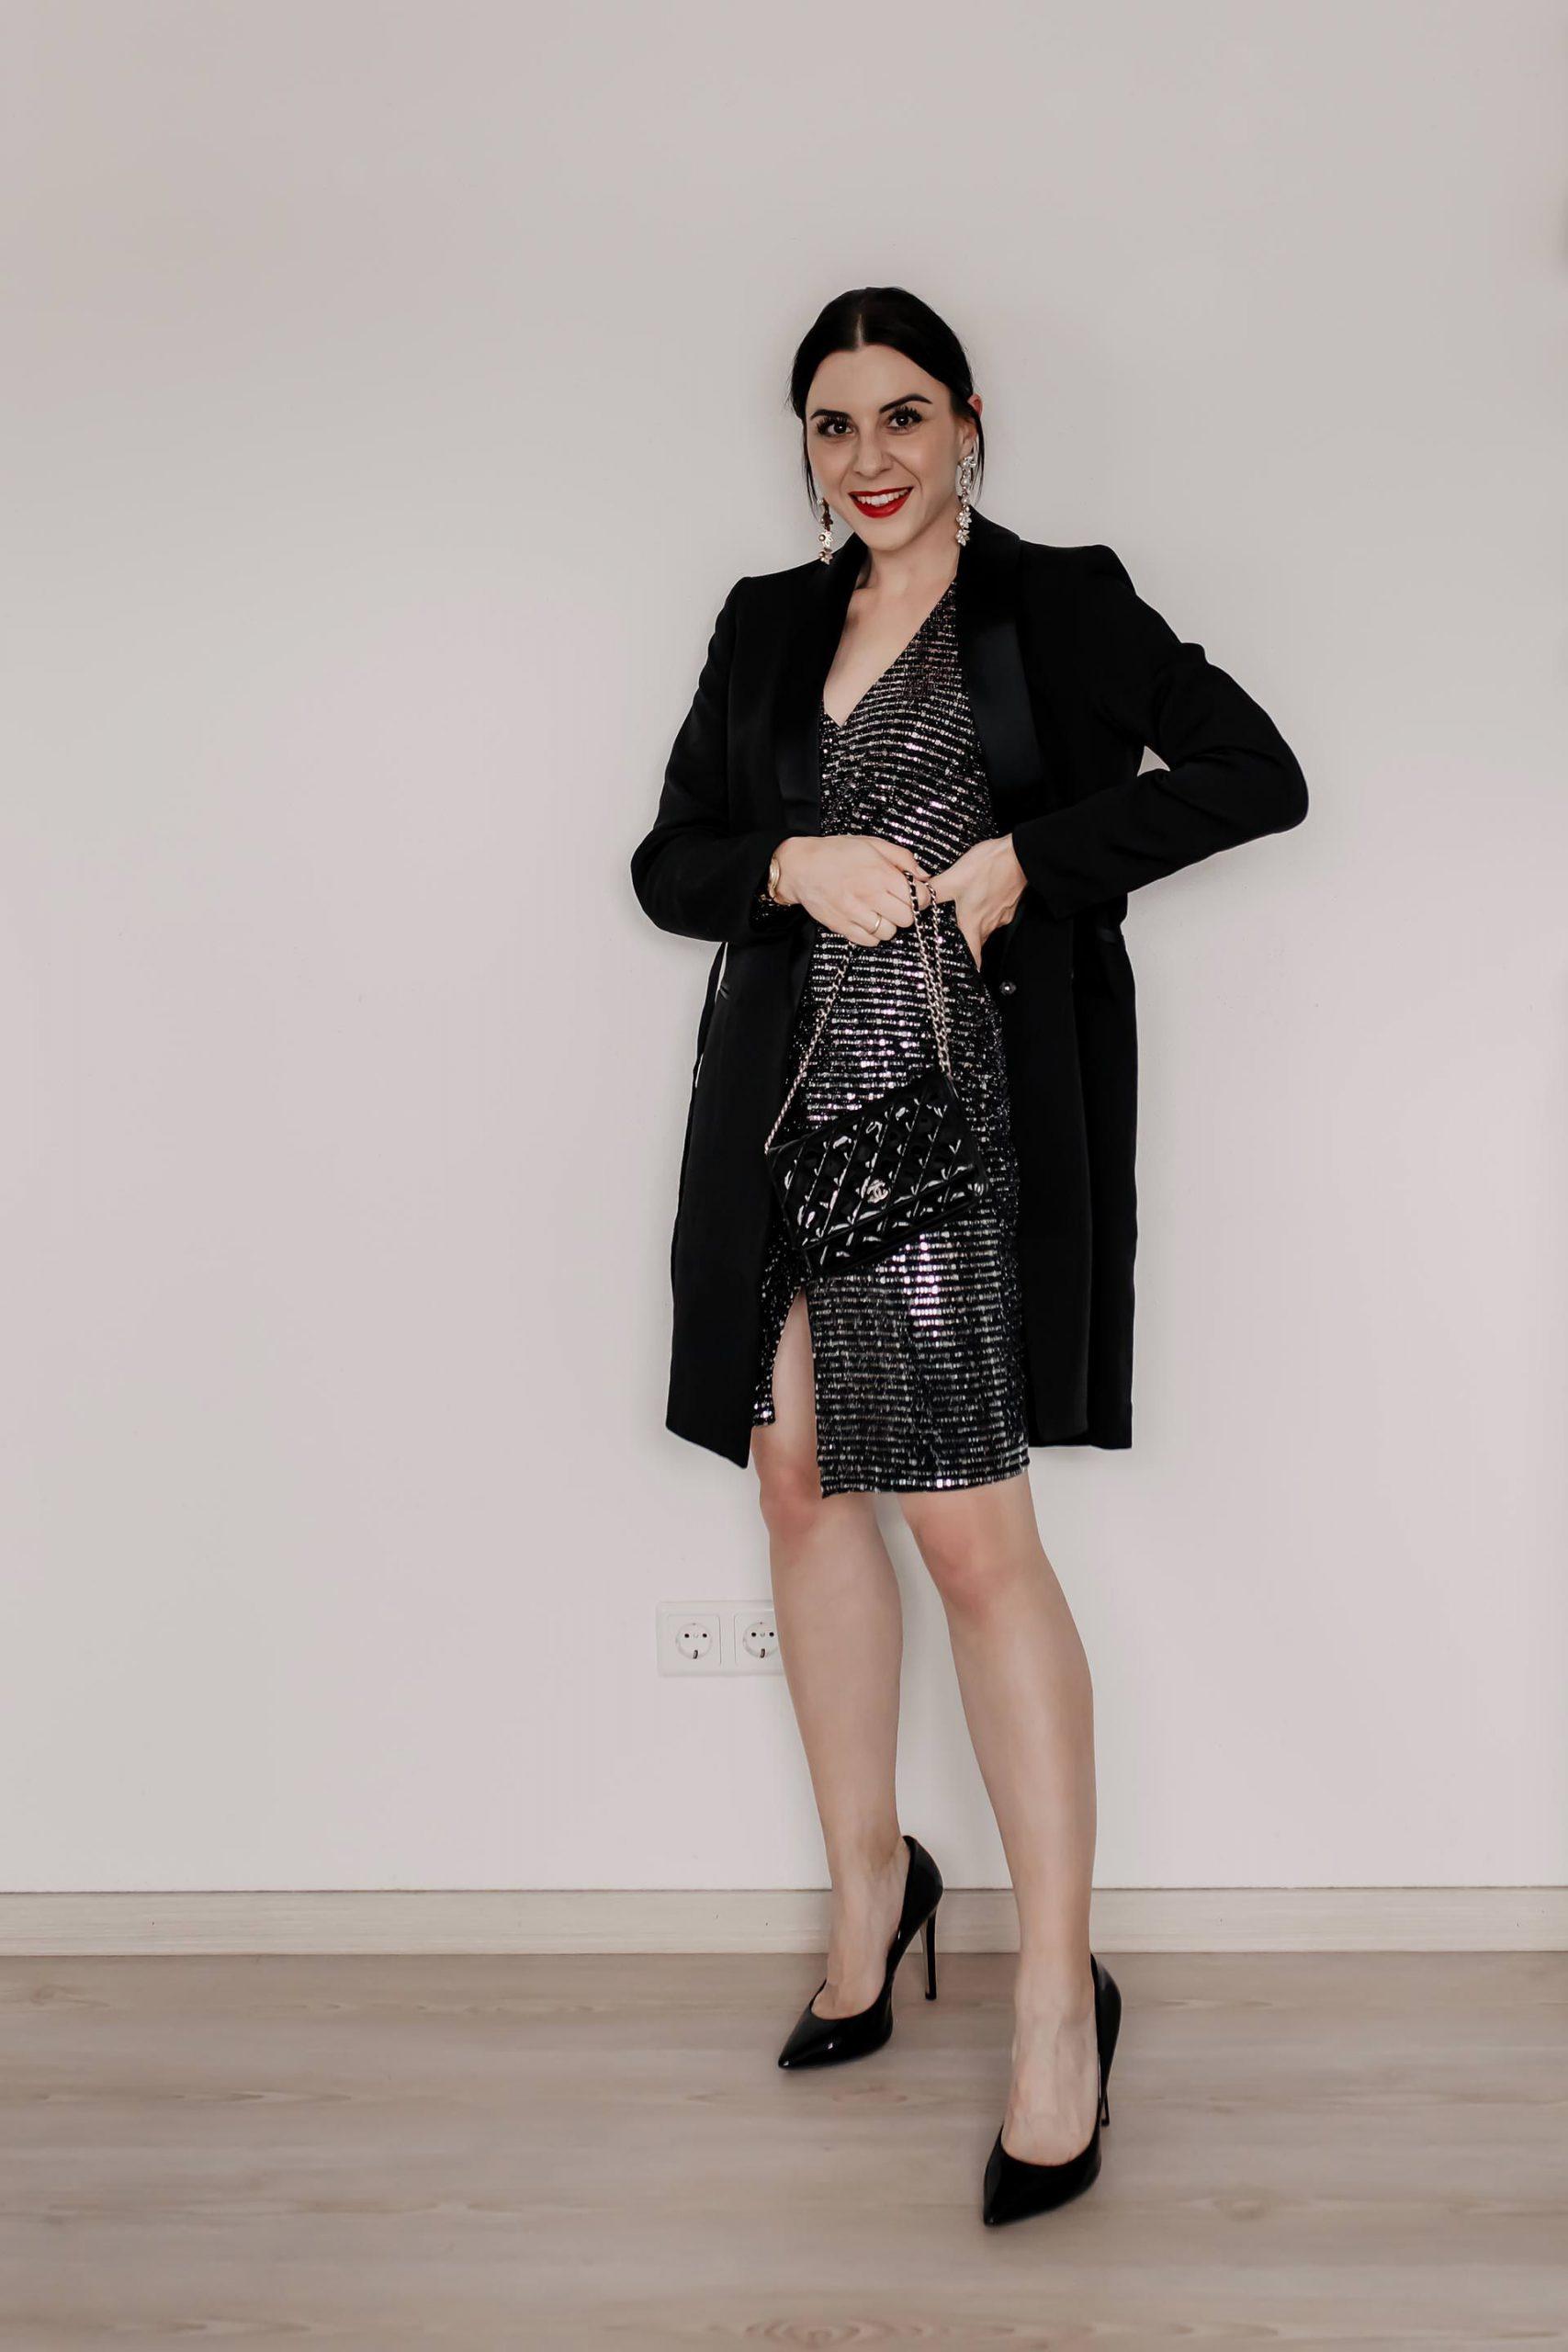 Abend Fantastisch Festliche Kleidung BoutiqueDesigner Schön Festliche Kleidung Stylish